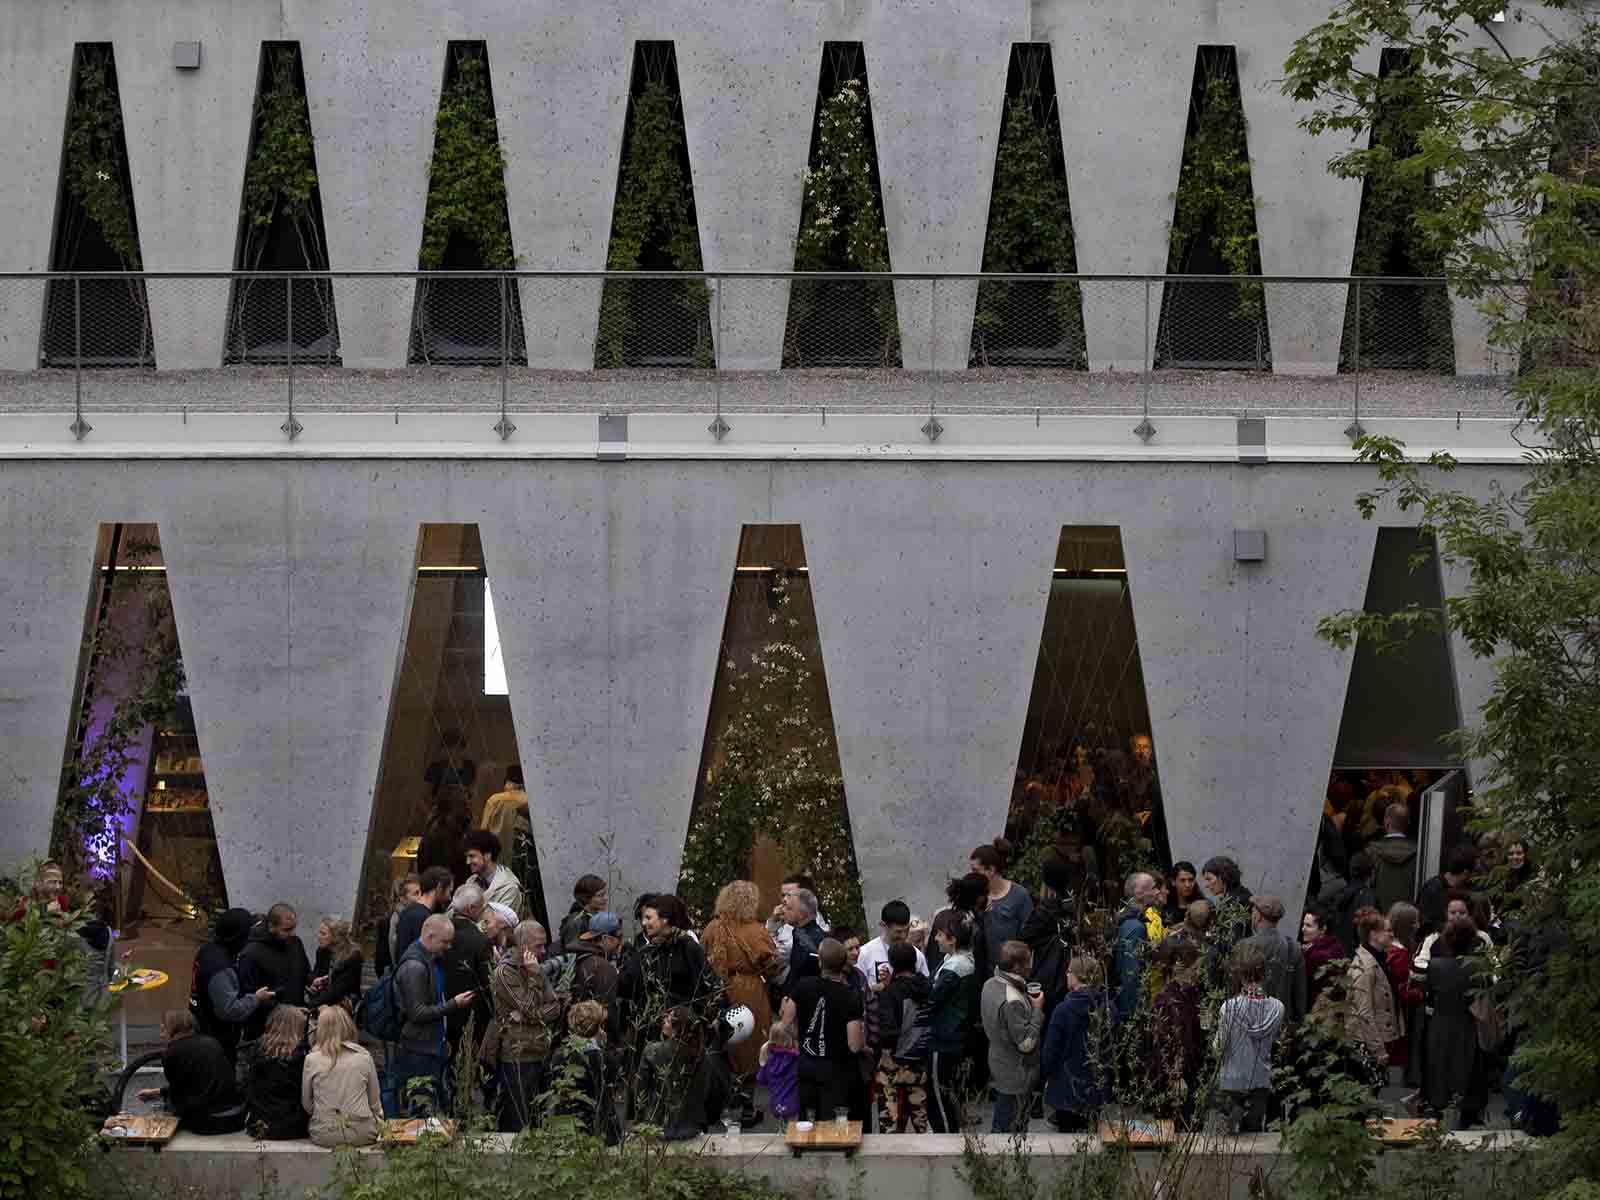 Mit einem dreitägigen Eröffnungsfestival wurde das neue Tanzhaus an der Limmat eingeweiht.